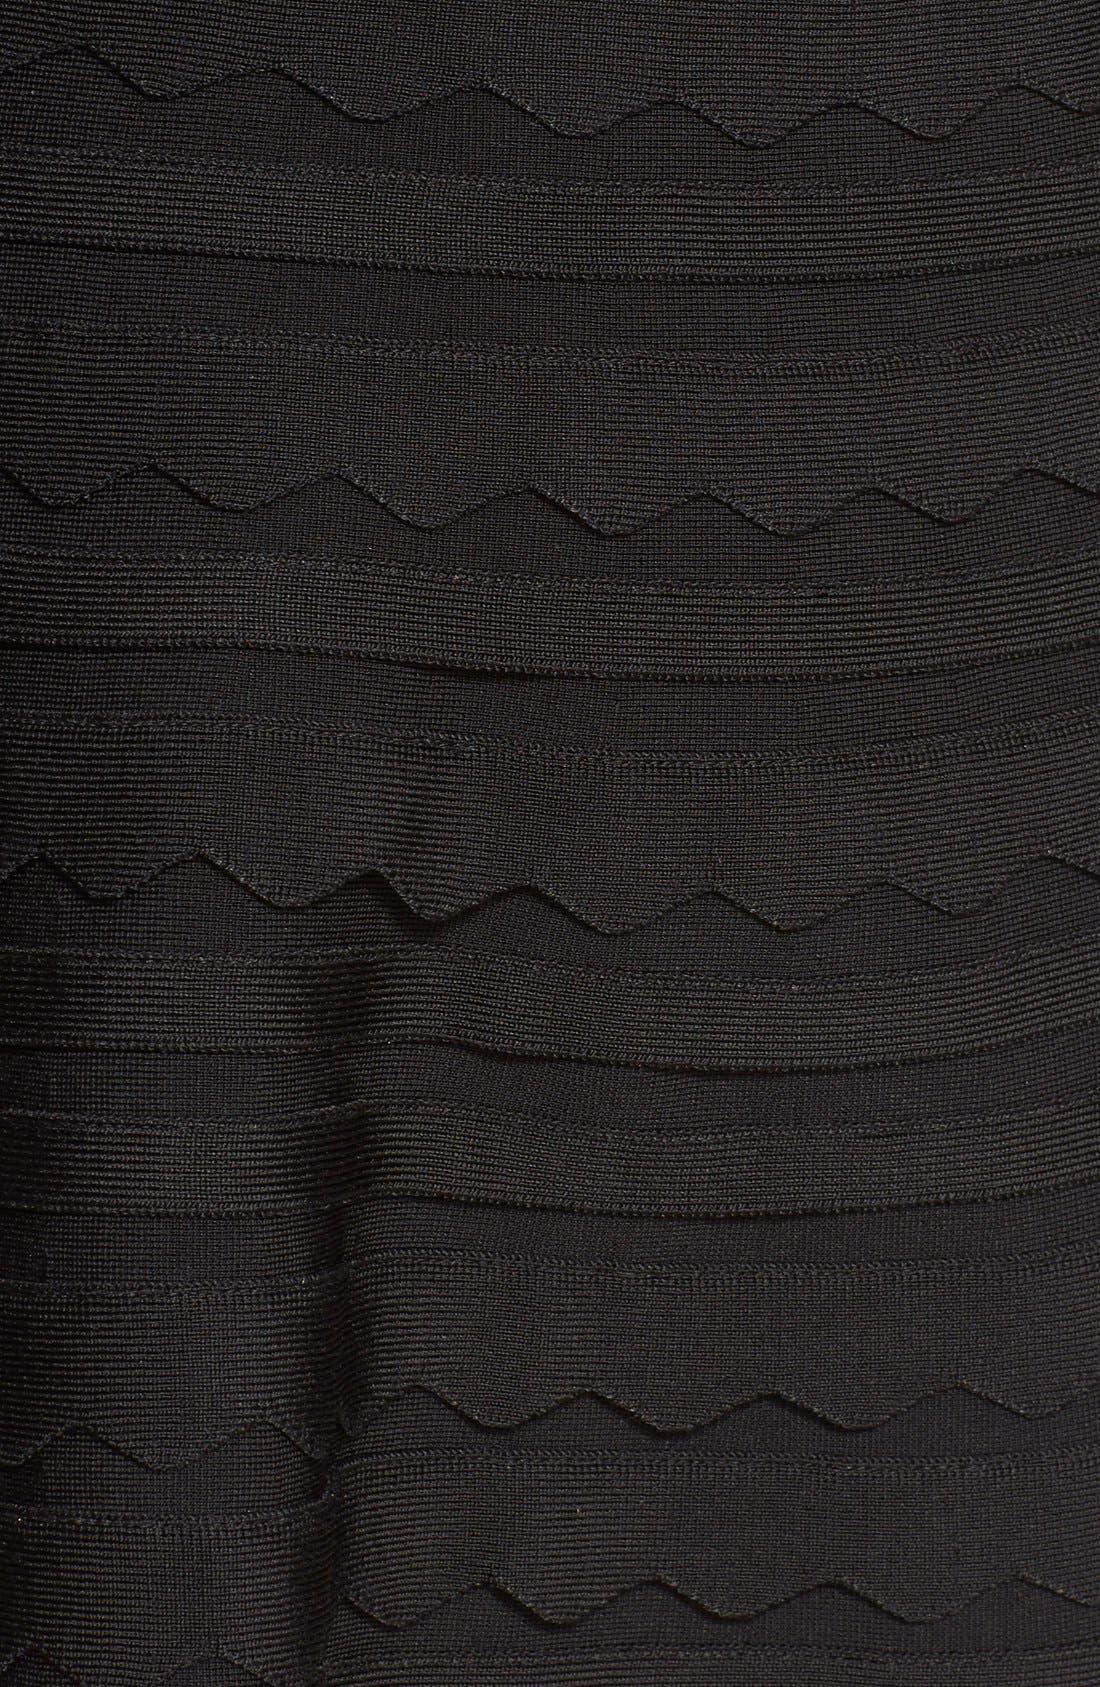 Alternate Image 3  - Herve Leger Scalloped Bandage Fit & Flare Dress